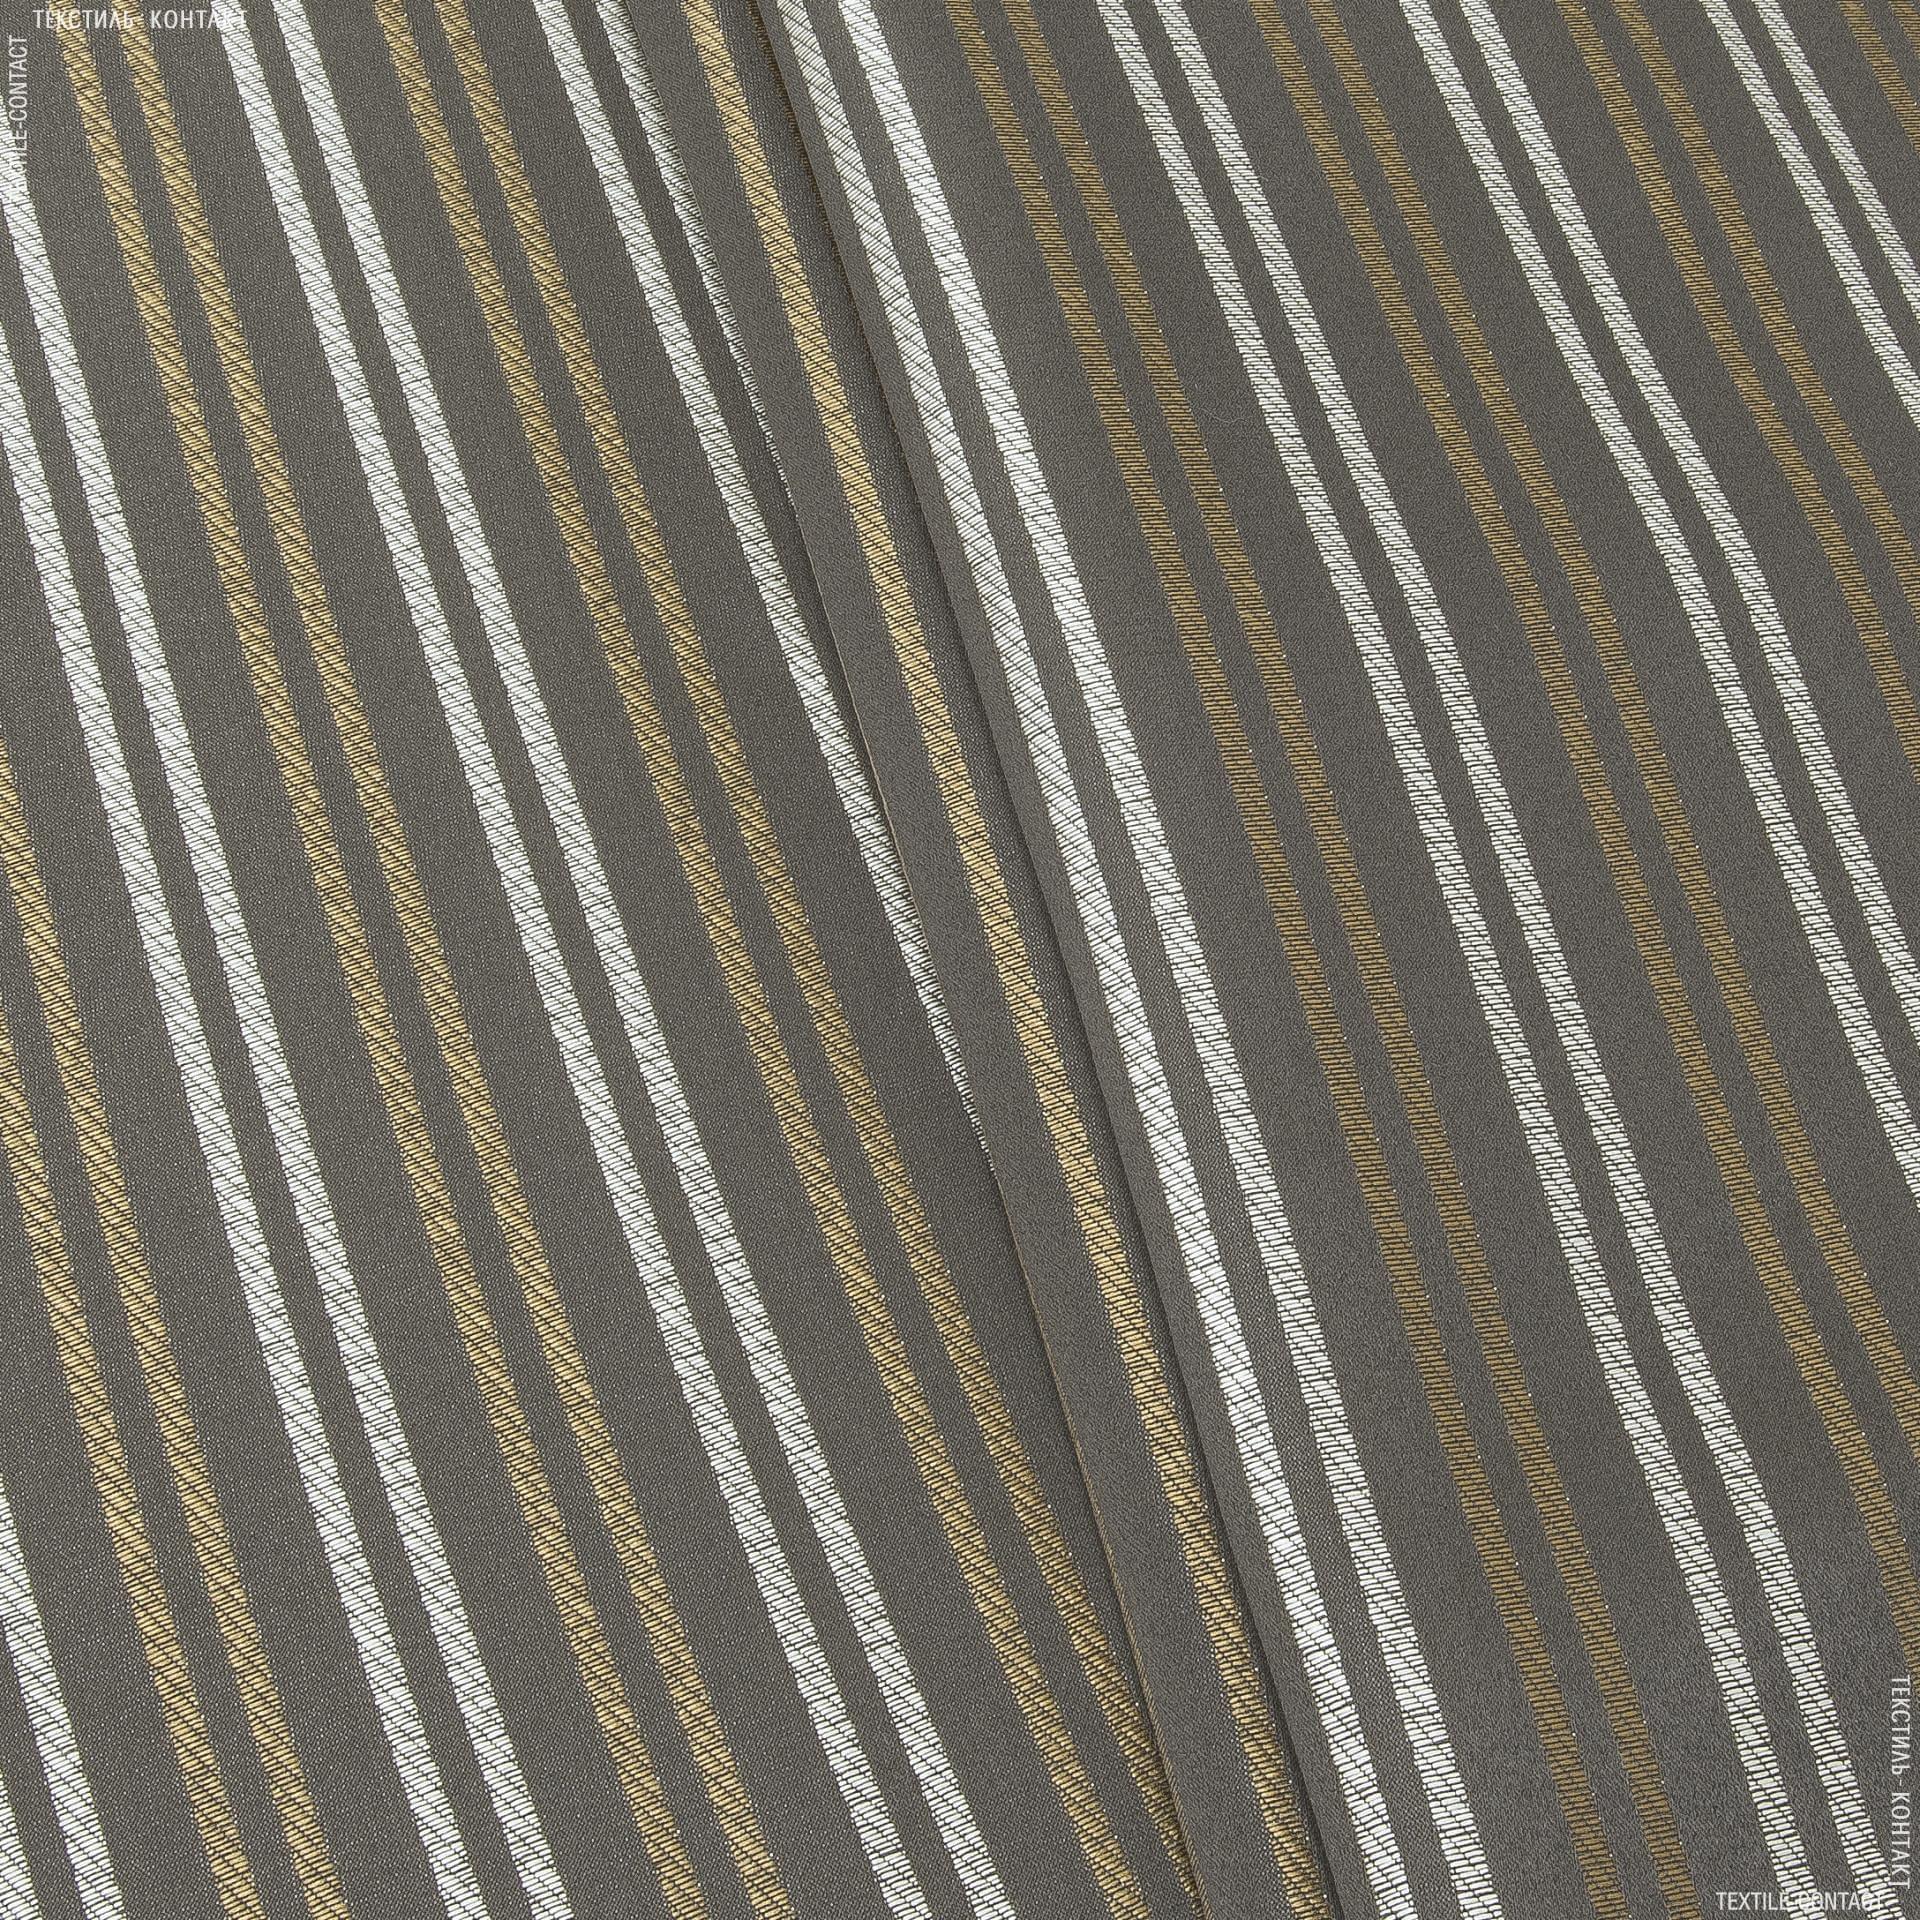 Тканини портьєрні тканини - Декор армавір,смуга,т.коричневый,стара бронза,молочний